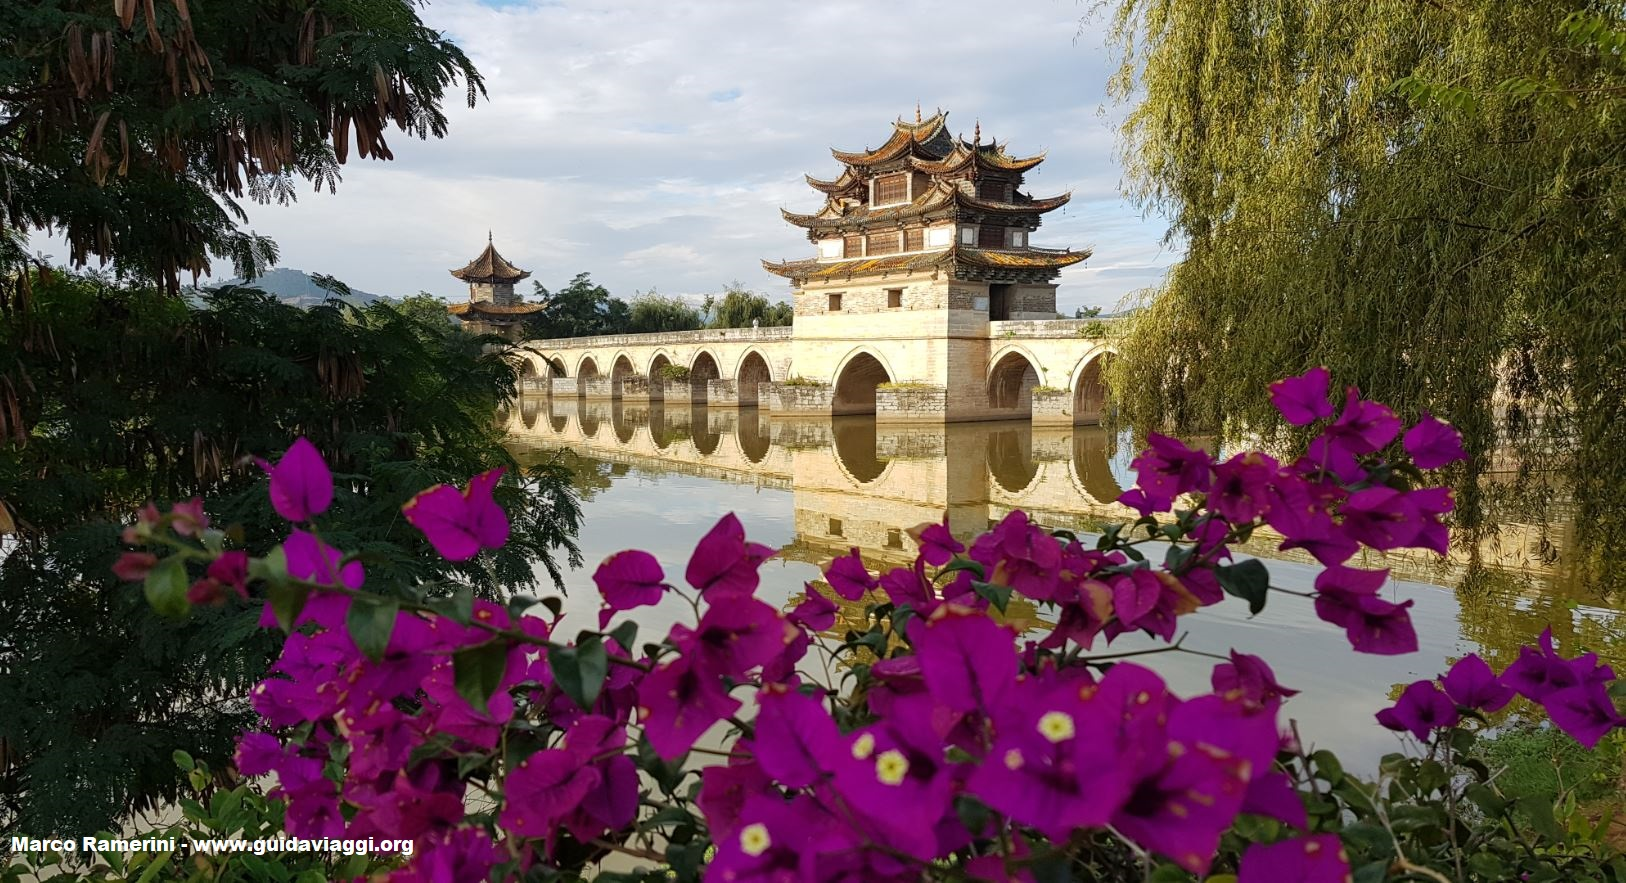 Ponte dei Draghi Gemelli (Shuanglong Bridge), Jianshui, Yunnan, Cina. Autore e Copyright Marco Ramerini